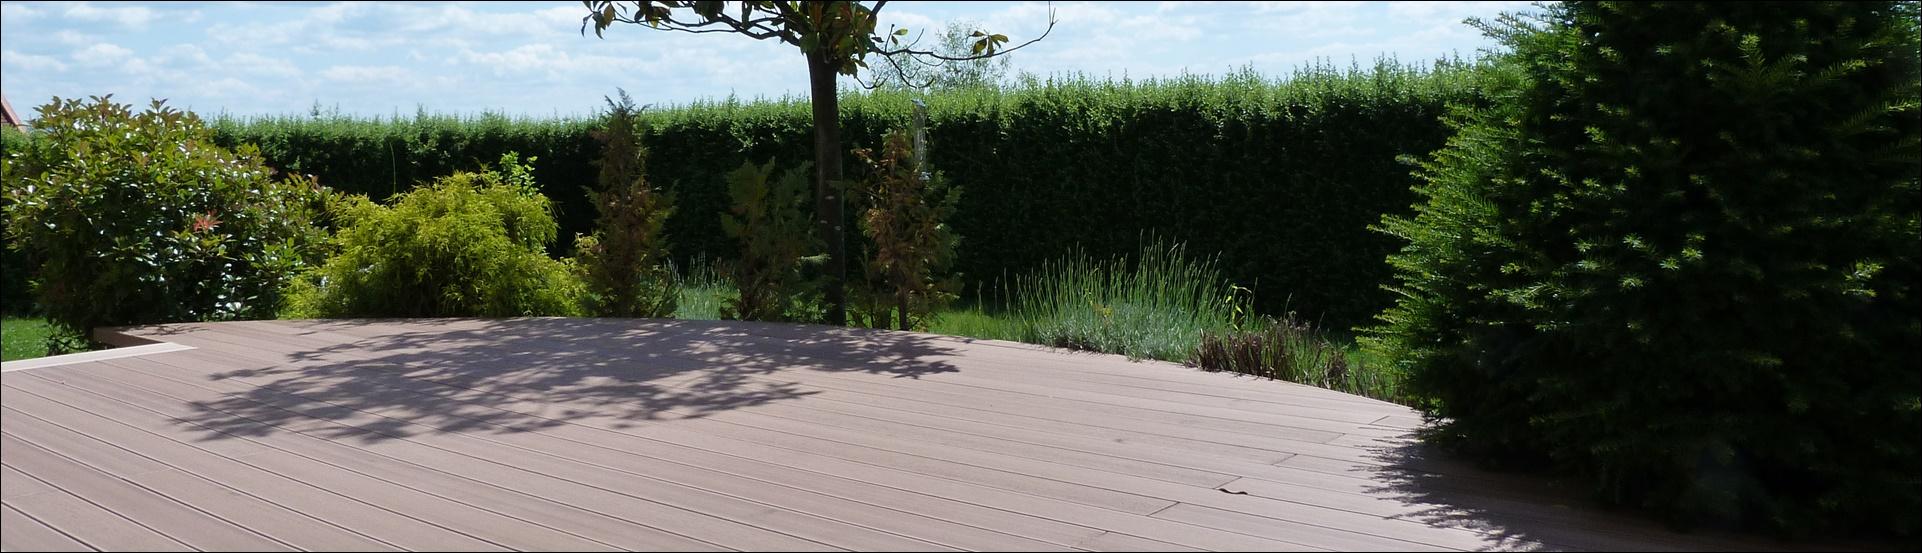 Latech Composite pardoseli exterioare pentru terase din lemn compozit